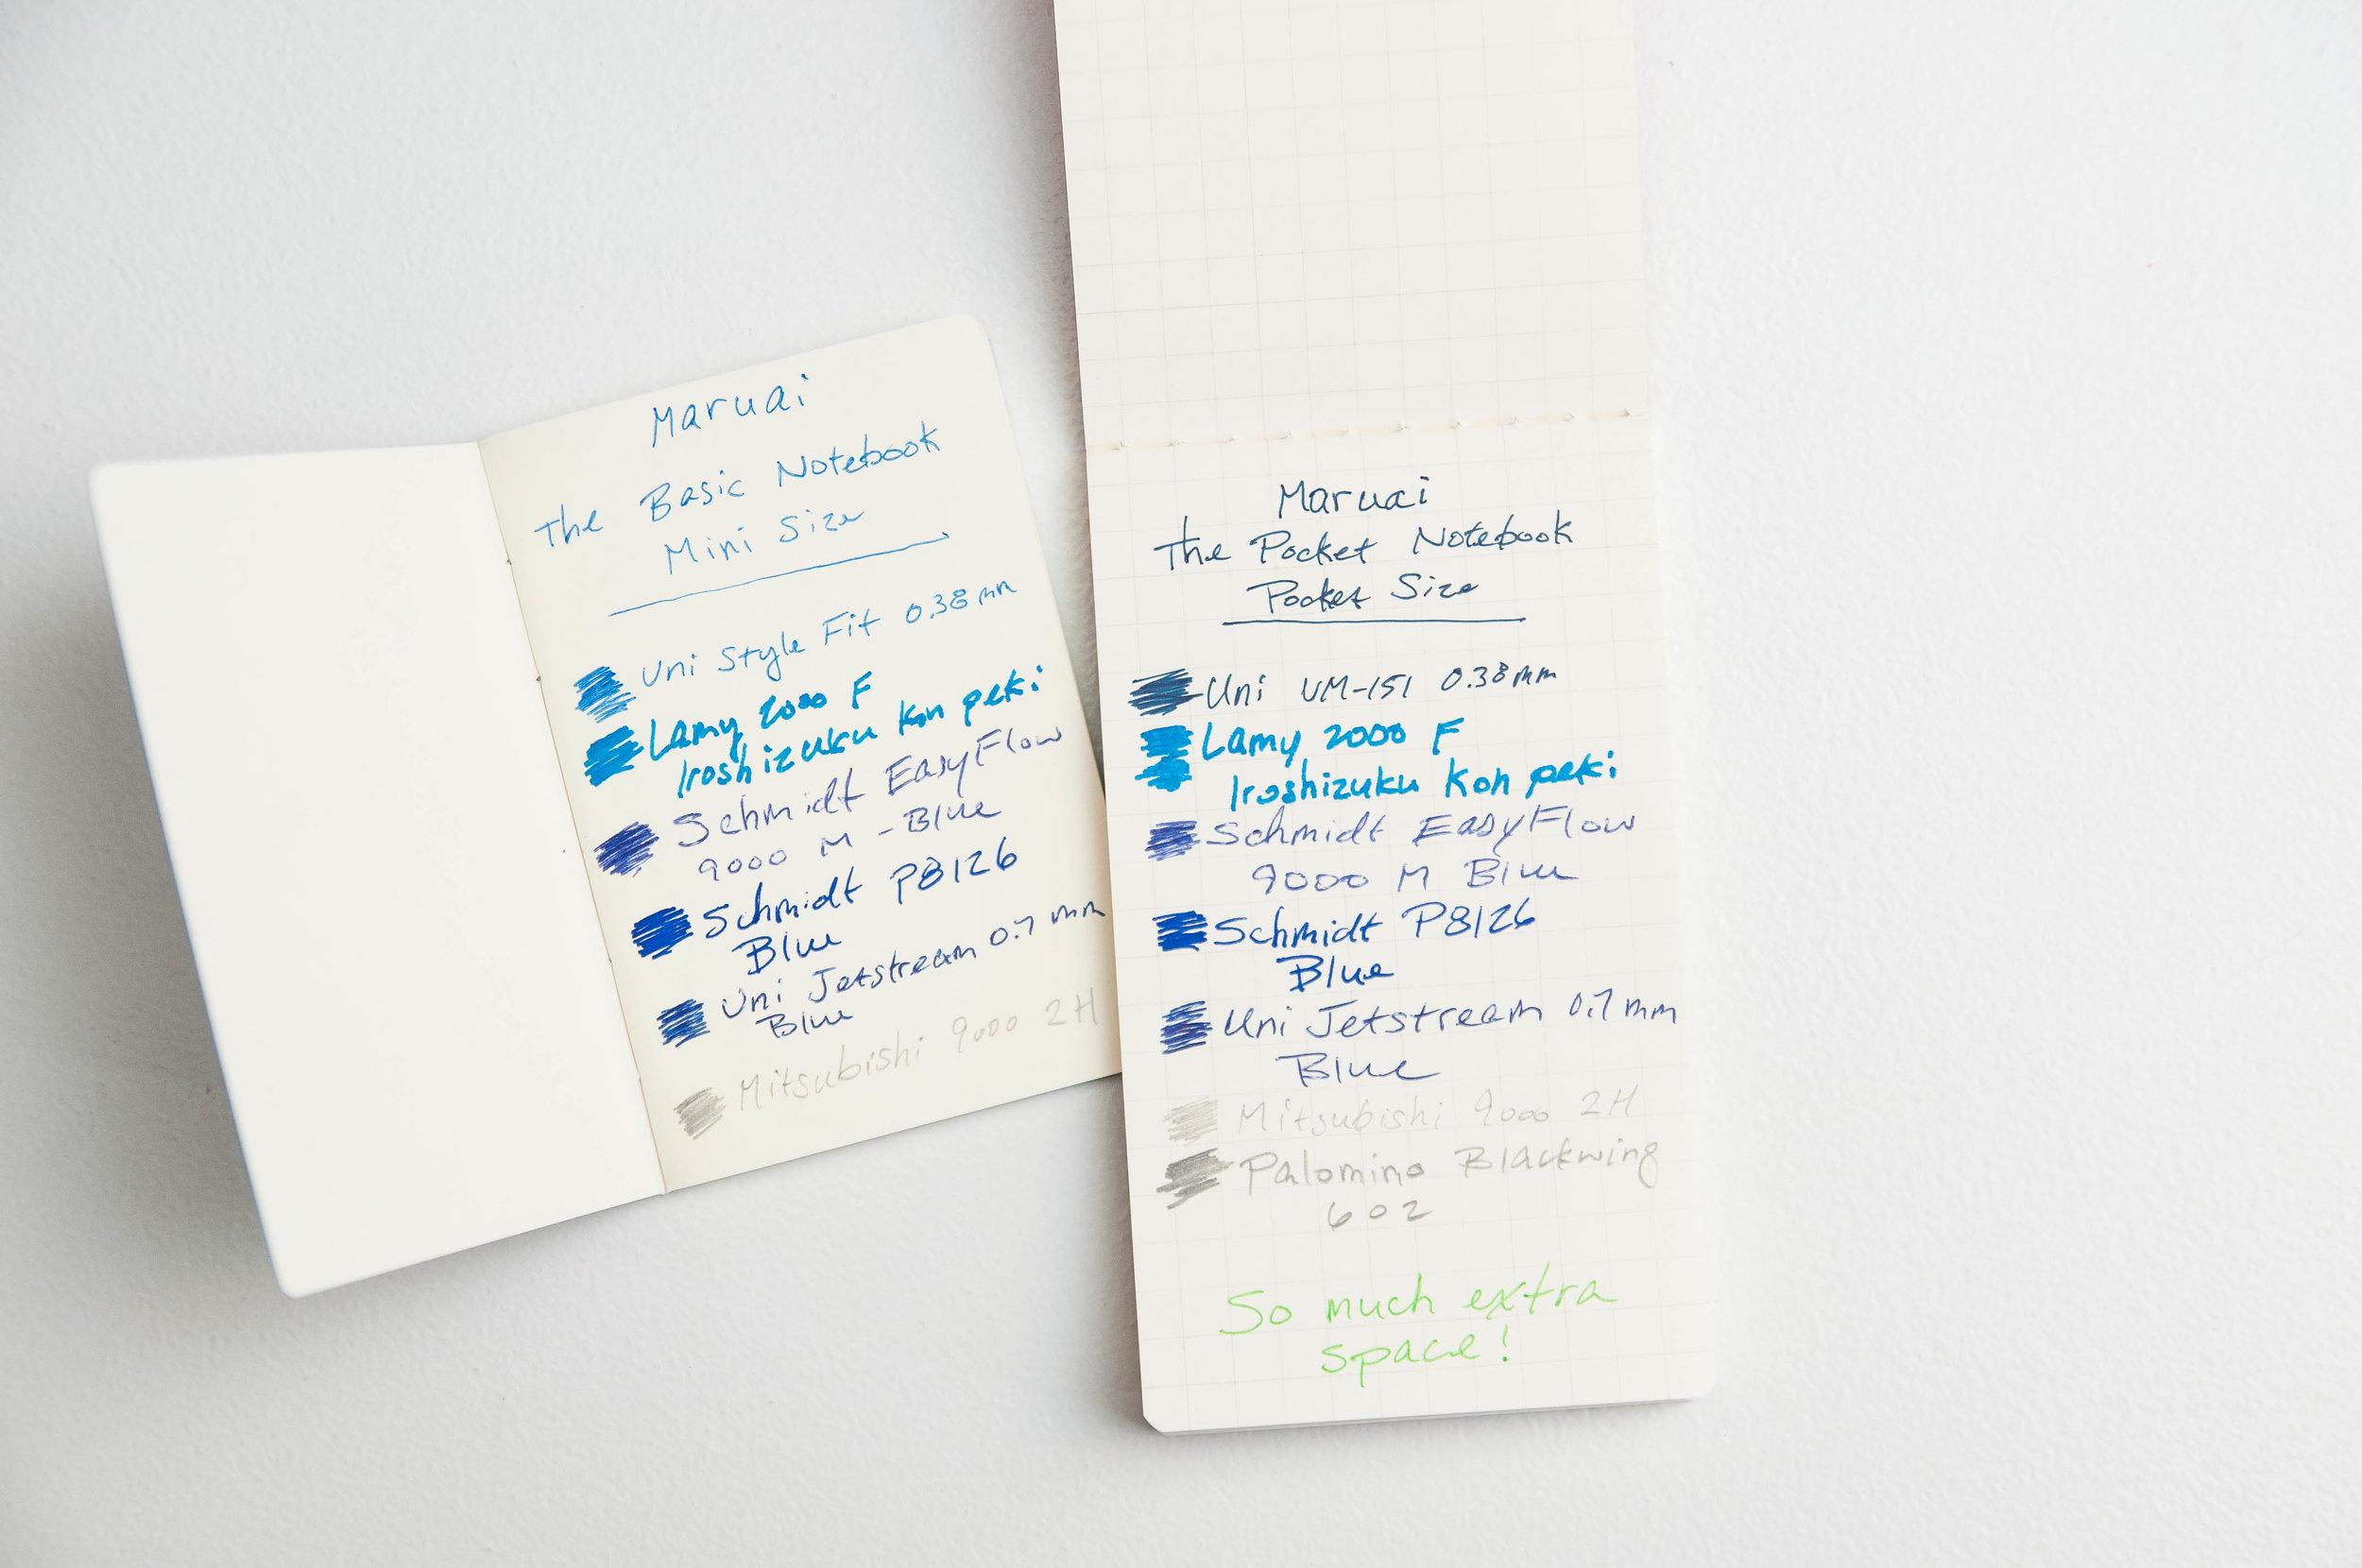 Maruai Basic Notebooks Writing